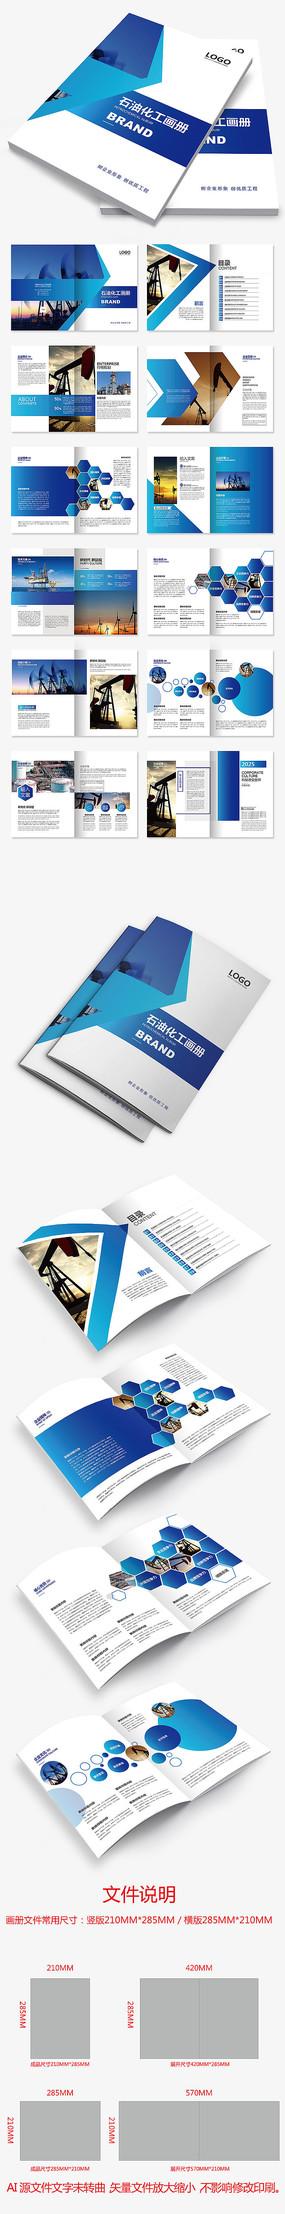 蓝色化工工业石油开采天然气画册模板设计